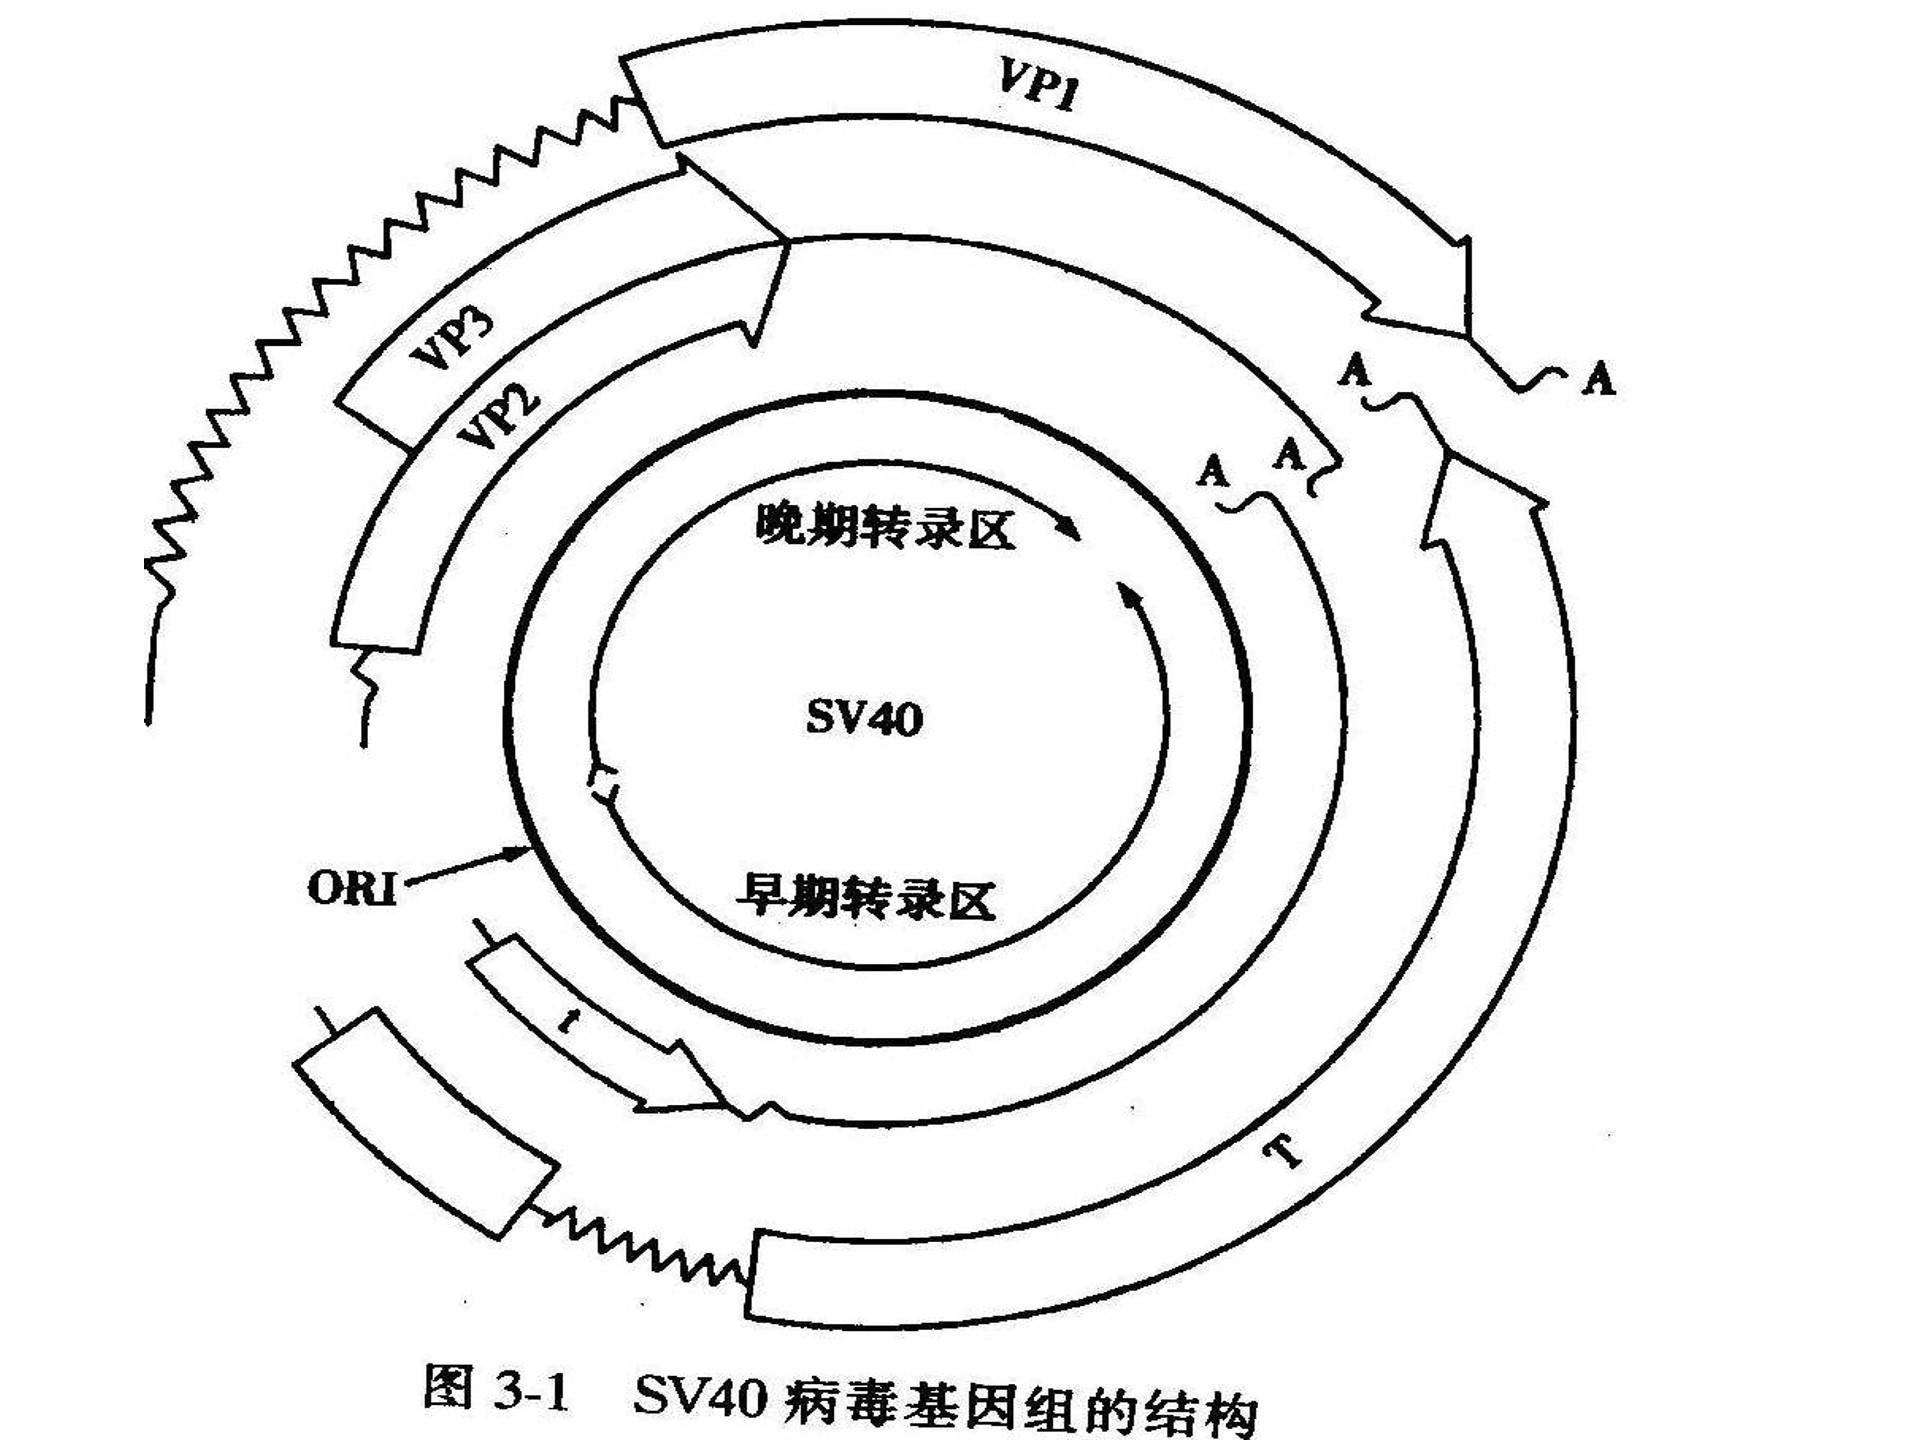 上海动物***全基因组测序服务介绍,***全基因组测序